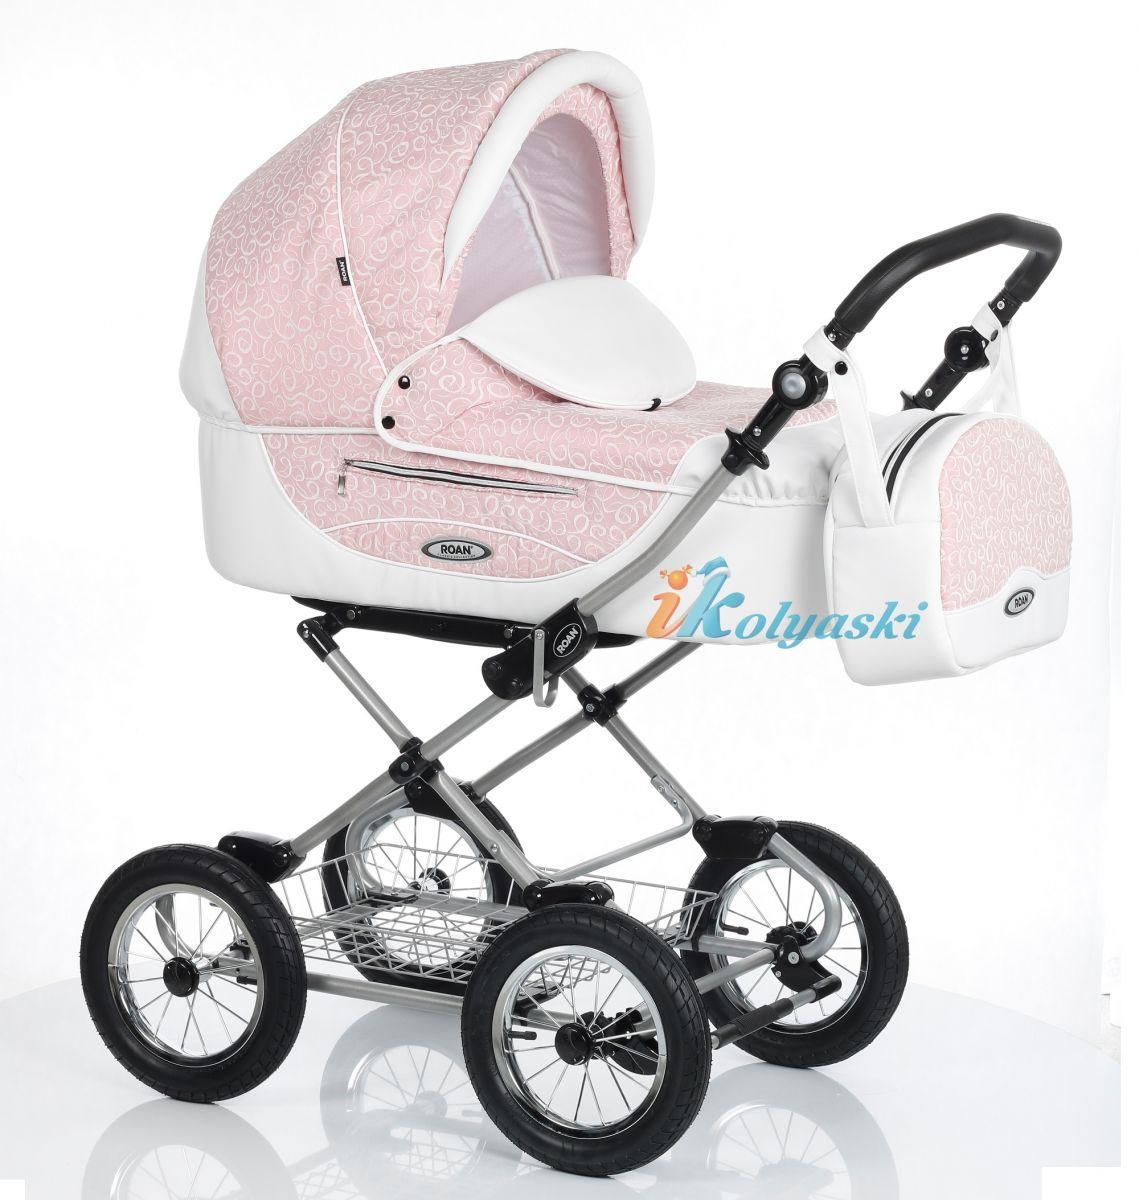 Детская коляска Roan Kortina Luxe Роан Кортина люкс 2018 спальная люлька 3 в 1 , коляска для новорожденных, коляска зима-лето.  roan kortina, roan cortina, Детская коляска Roan Kortina Luxe, коляска Роан Кортина люкс 2018, коляска спальная, коляска  люлька, коляска 3 в 1, коляска для новорожденных, роан кортина, коляска роан кортина, коляска roan cortina, цвет K-35